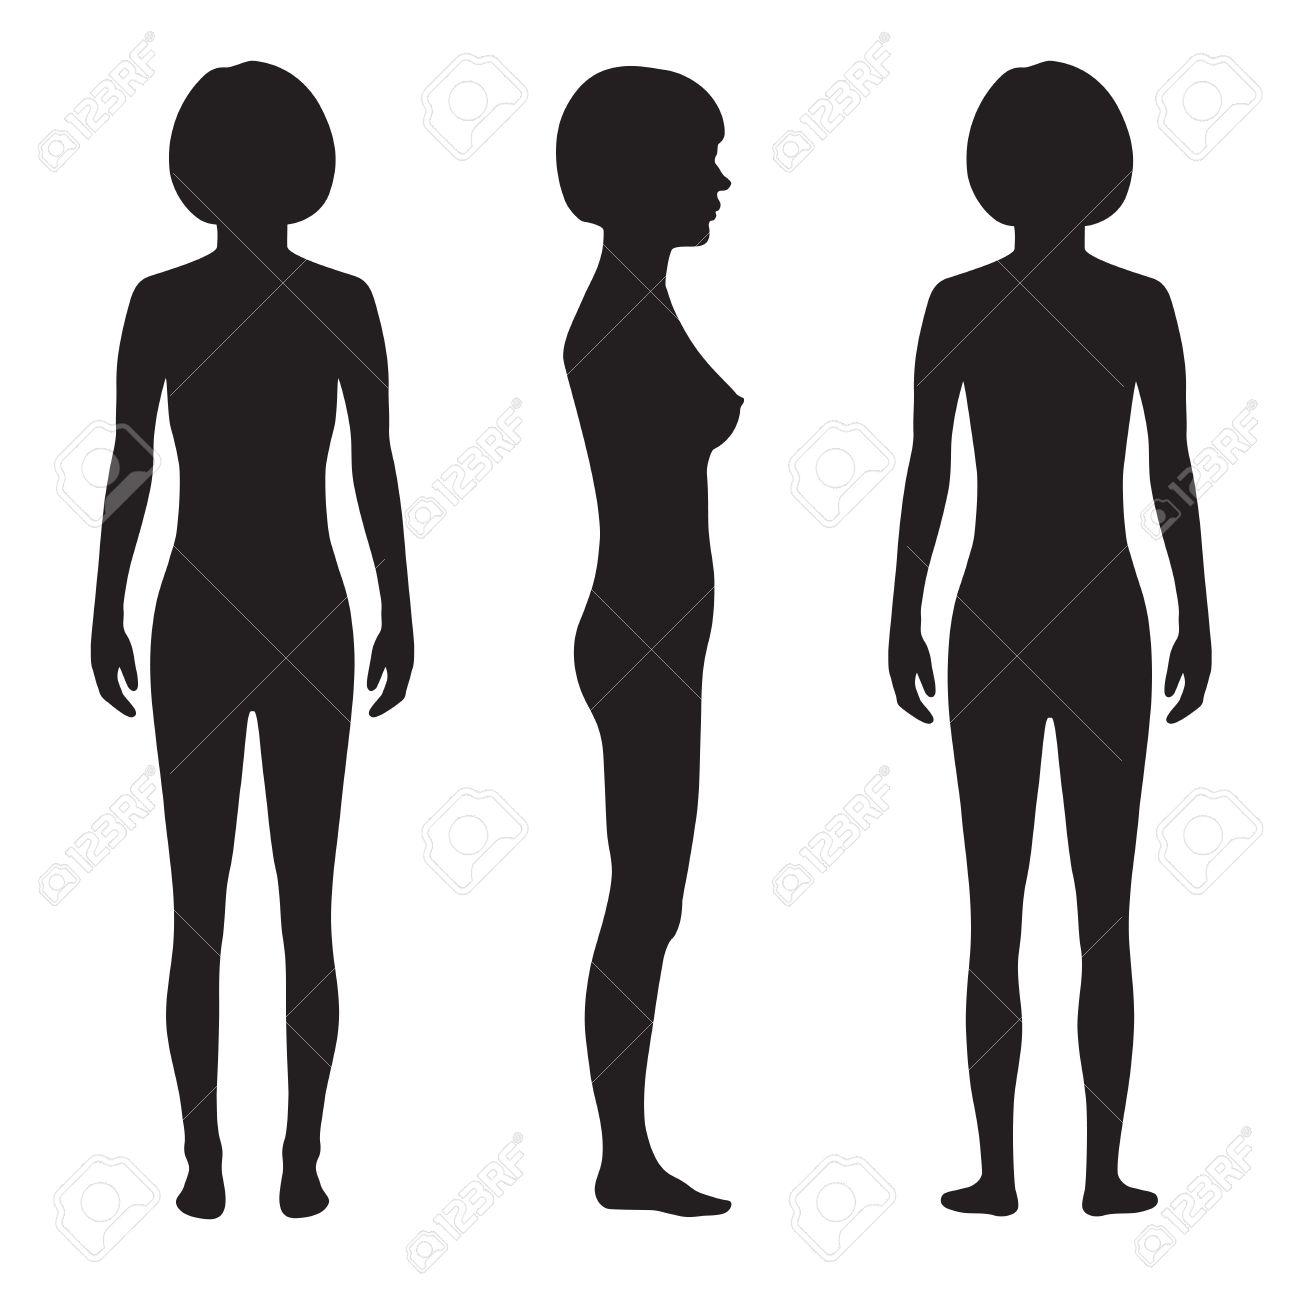 1300x1300 Female Body Anatomy Silhouette